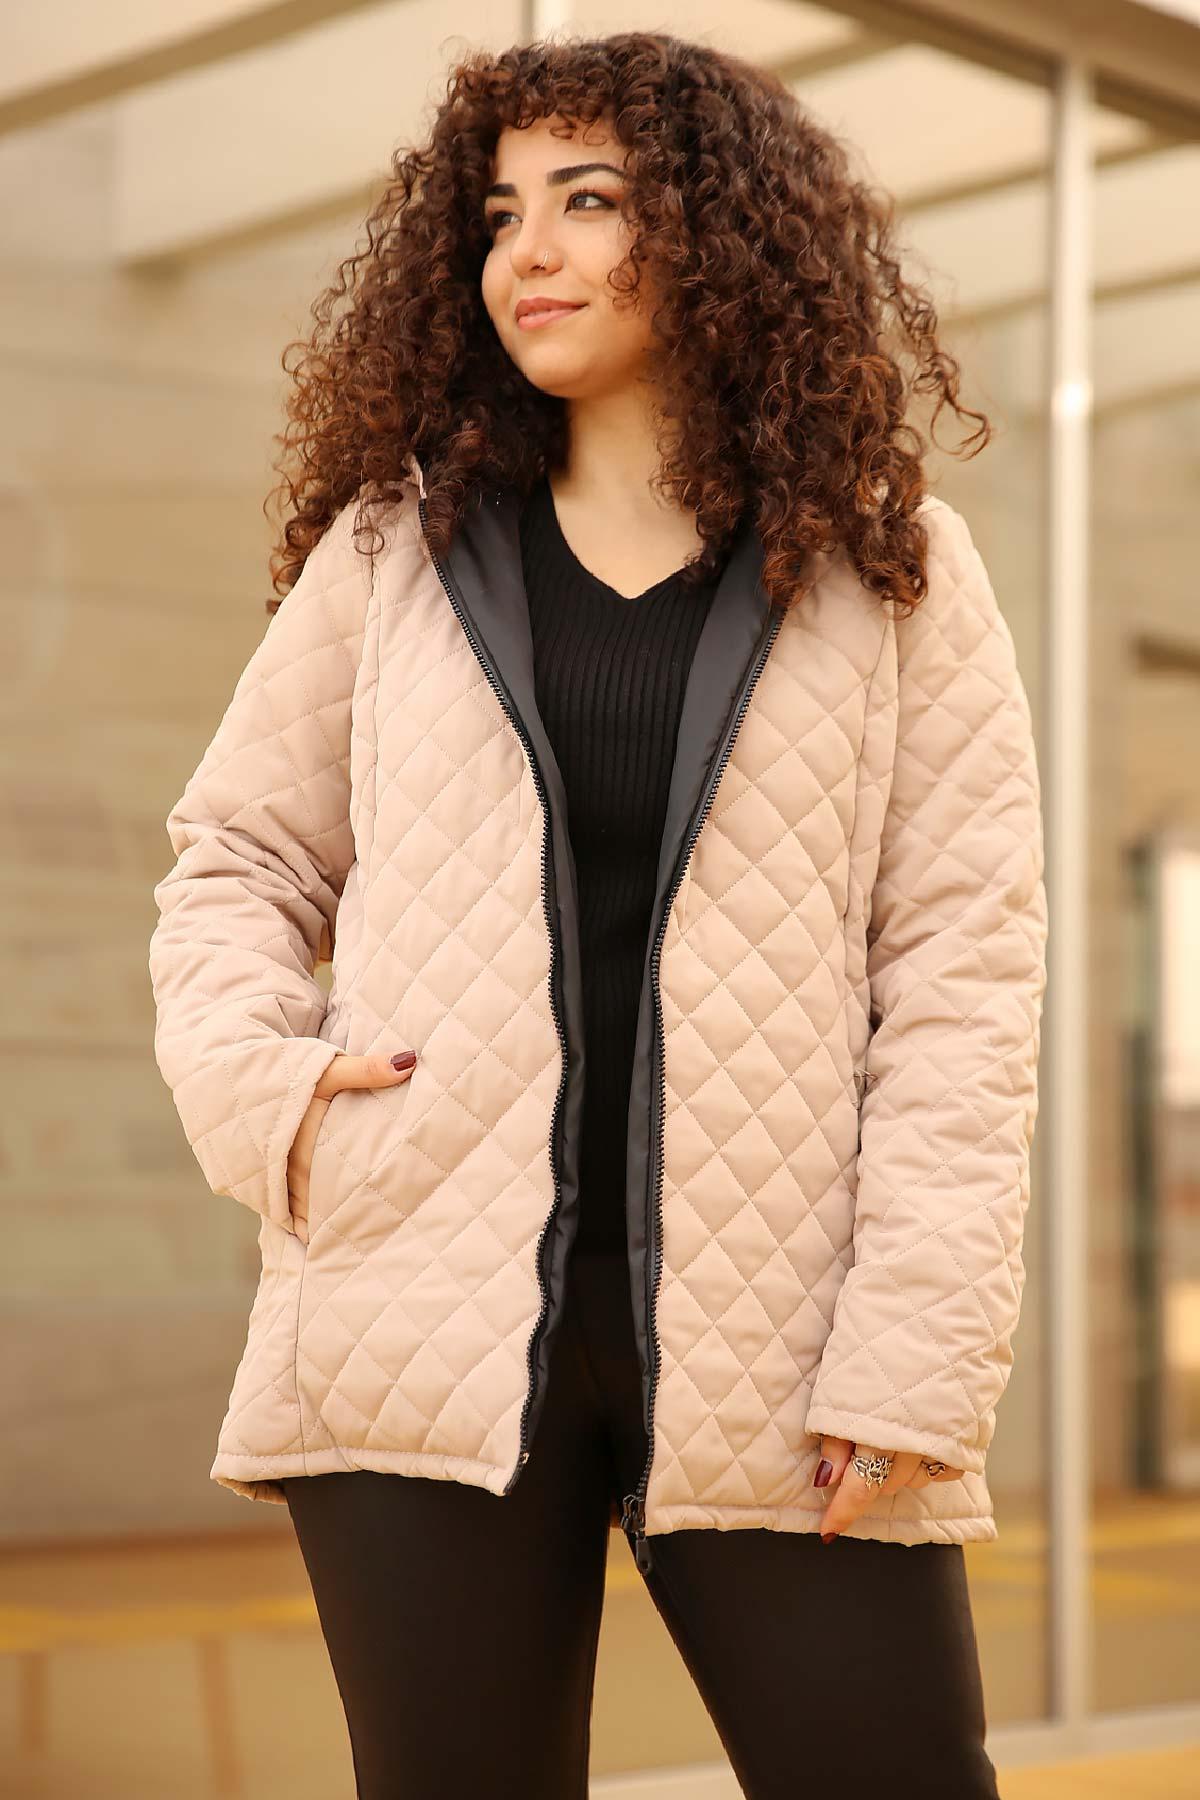 معطف هودي كريمي مقاس كبير نسائي